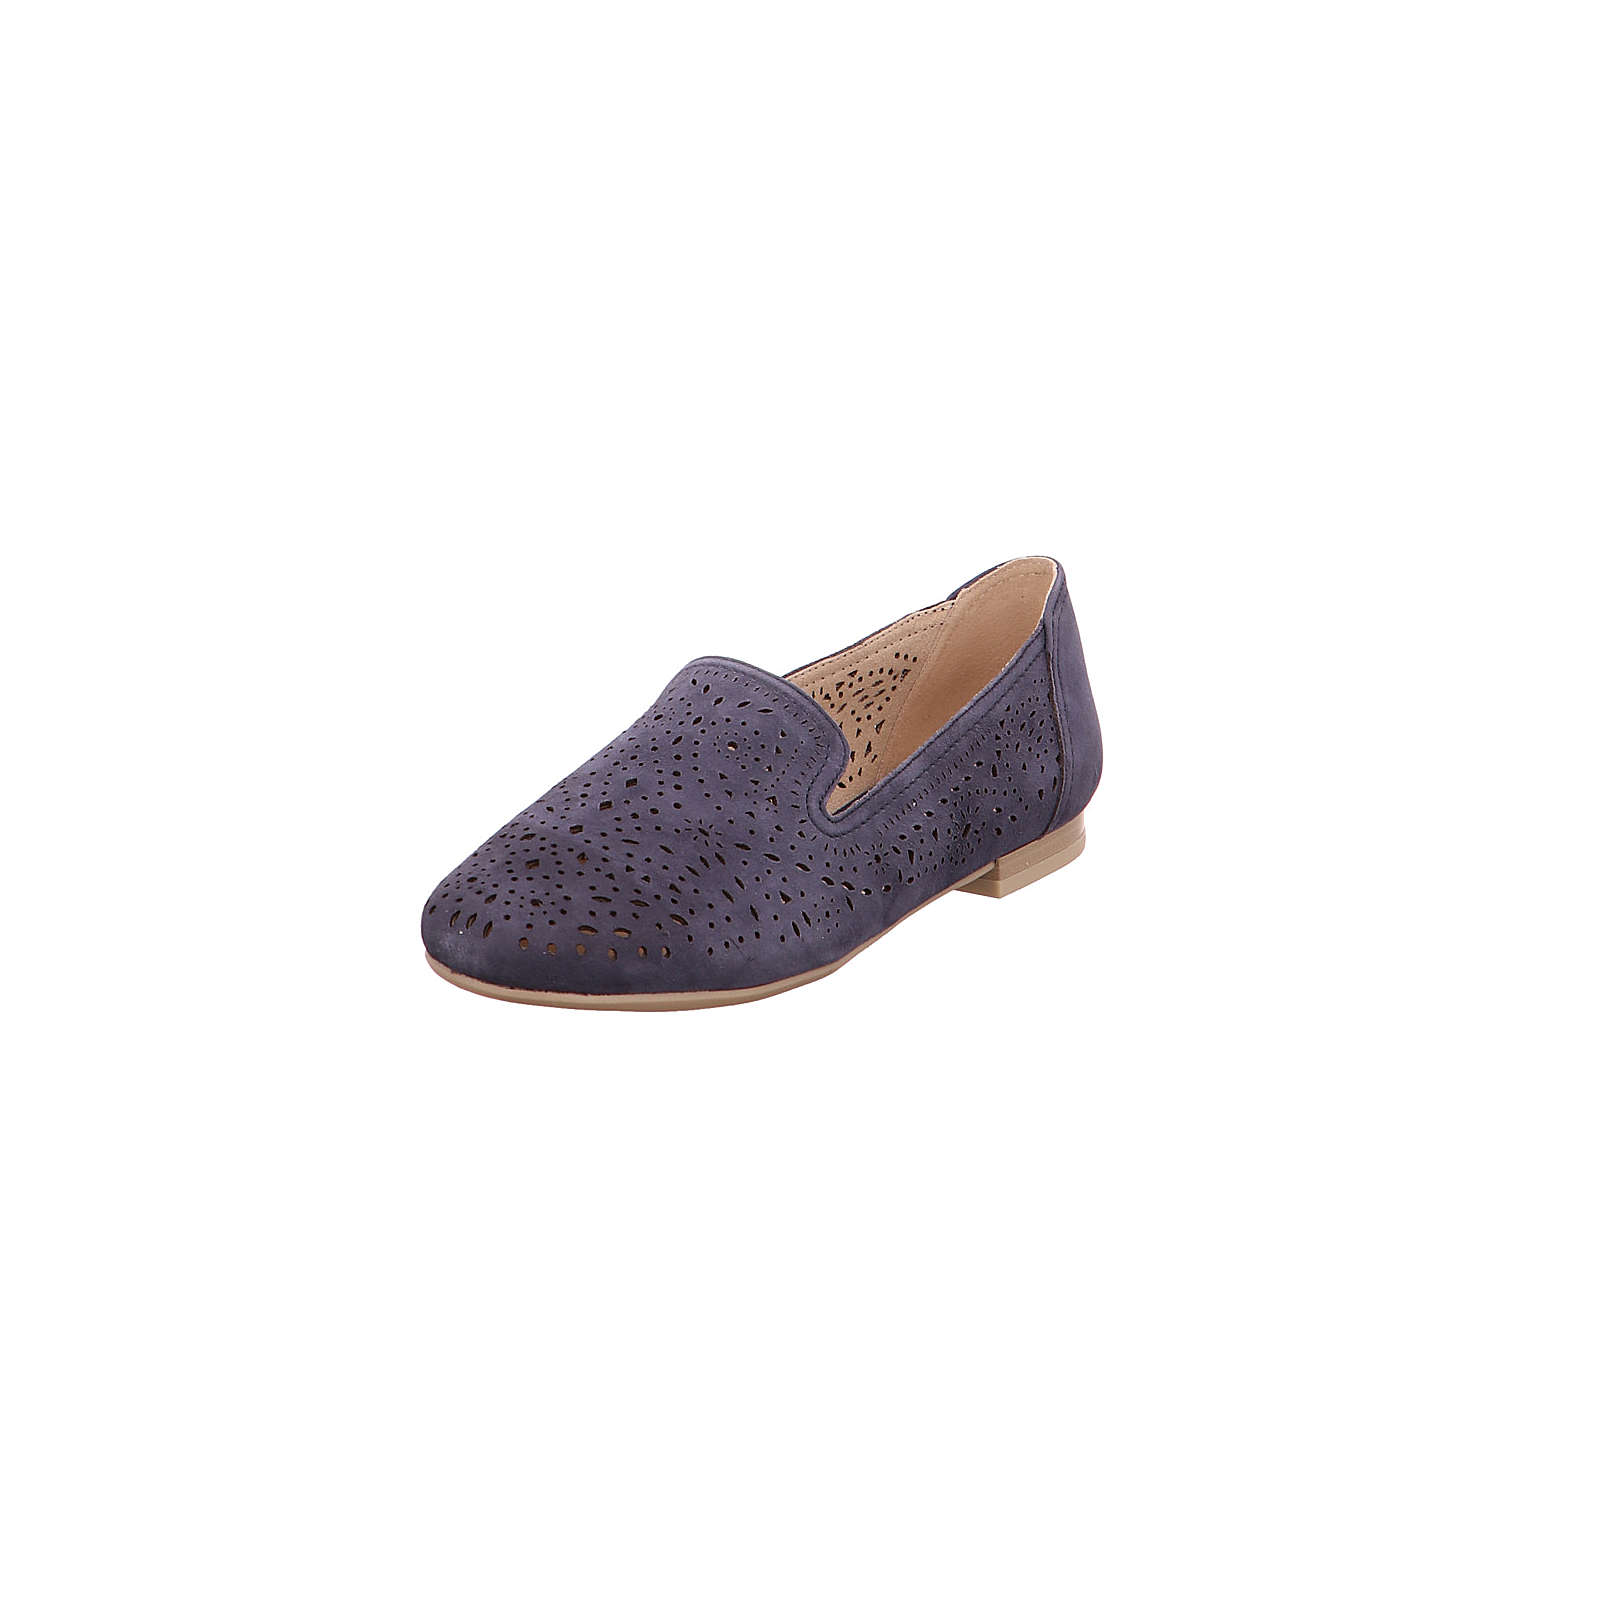 CAPRICE 24501-816 Klassische Slipper blau Damen Gr. 39